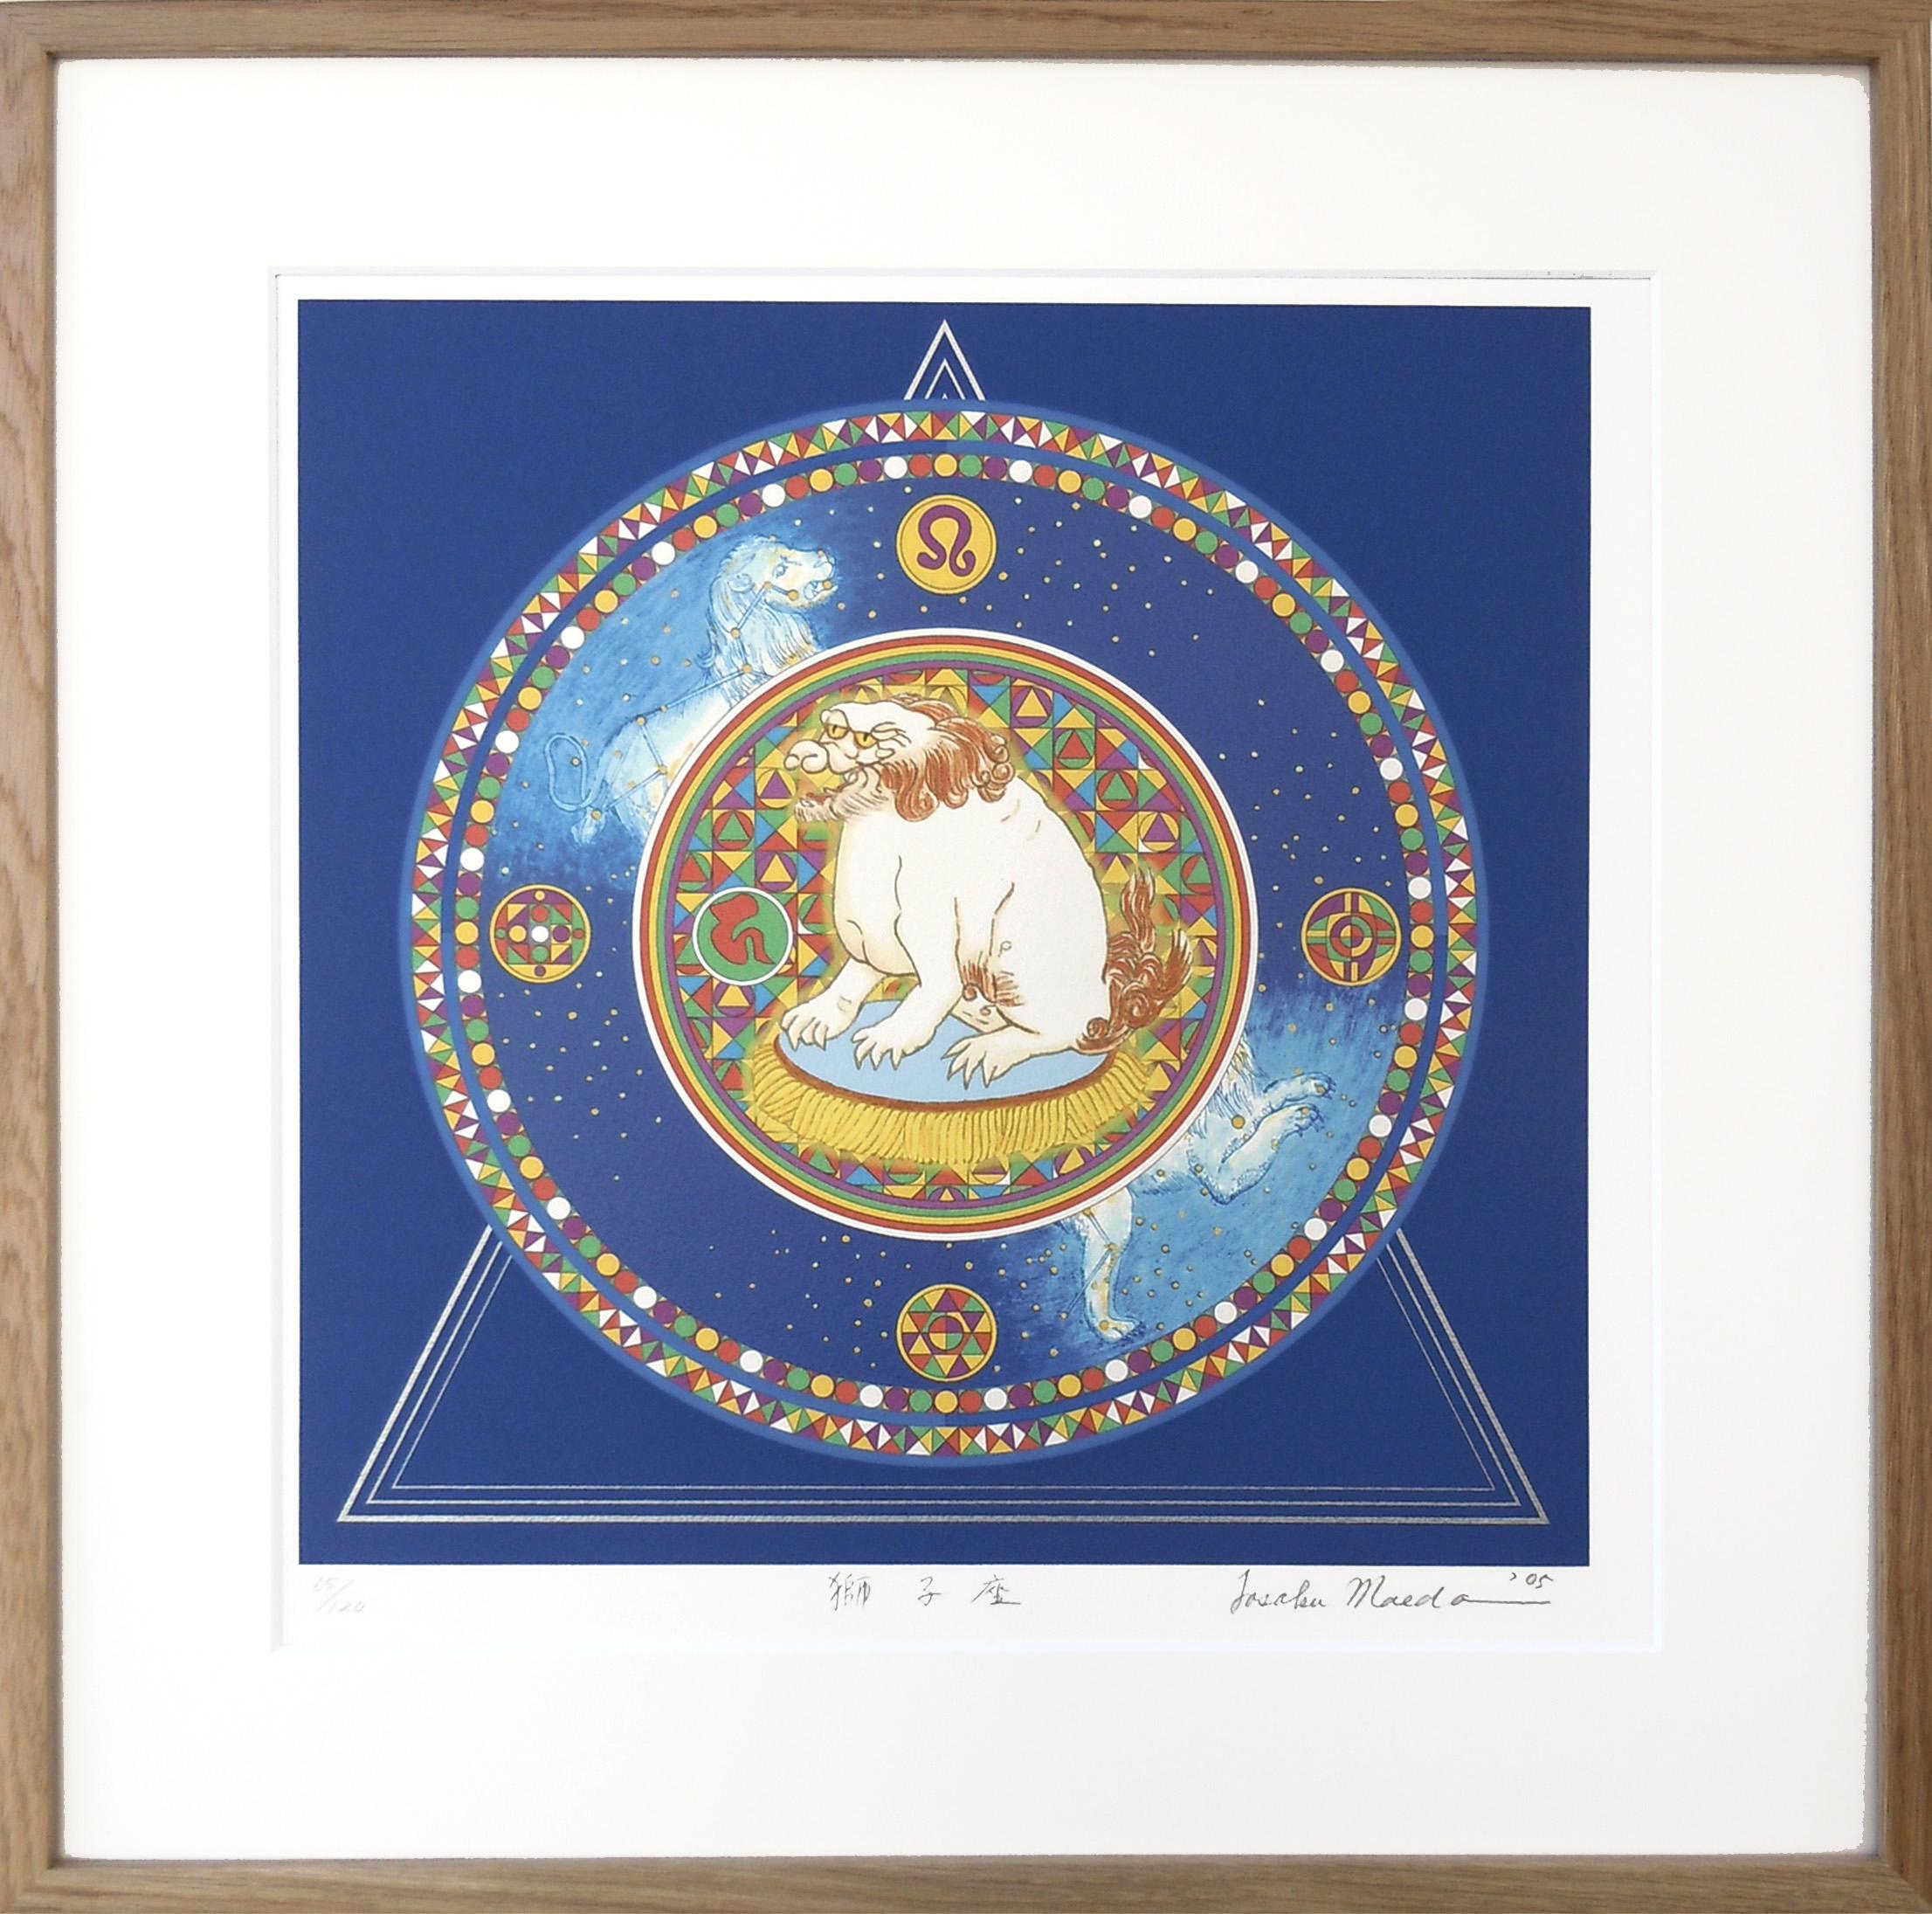 【著名アーティストシルクスクリーン版画作品】前田常作「獅子座の図」